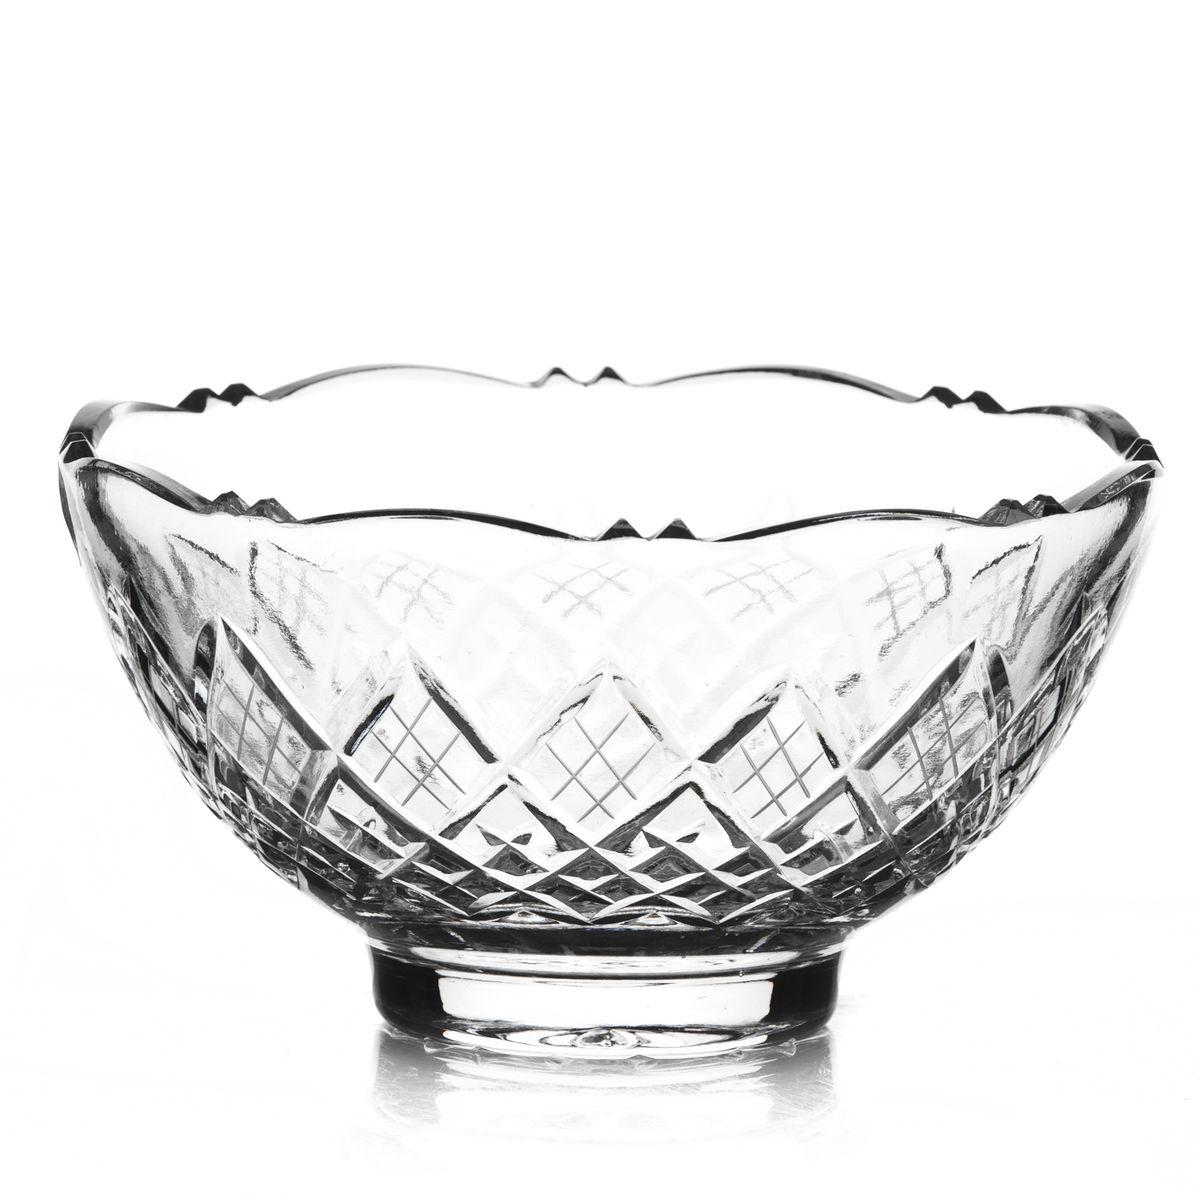 Салатник Neman, диаметр 16,5 см10135(800/91)-2Салатник Neman, выполненный из прочного высококачественного свинцового хрусталя, имеет форму чаши с рельефными краями и декорирован красочным рельефным узором. Изделие излучает приятный блеск и издает мелодичный звон. Салатник сочетает в себе изысканный дизайн с максимальной функциональностью. Он прекрасно впишется в интерьер вашей кухни и станет достойным дополнением к кухонному инвентарю. Салатник не только украсит ваш кухонный стол и подчеркнет прекрасный вкус хозяйки, но и станет отличным подарком. Нельзя мыть в посудомоечной машине и использовать в микроволновой печи. Диаметр (по верхнему краю): 16,5 см. Диаметр основания: 6,5 см. Высота салатника: 8,8 см.